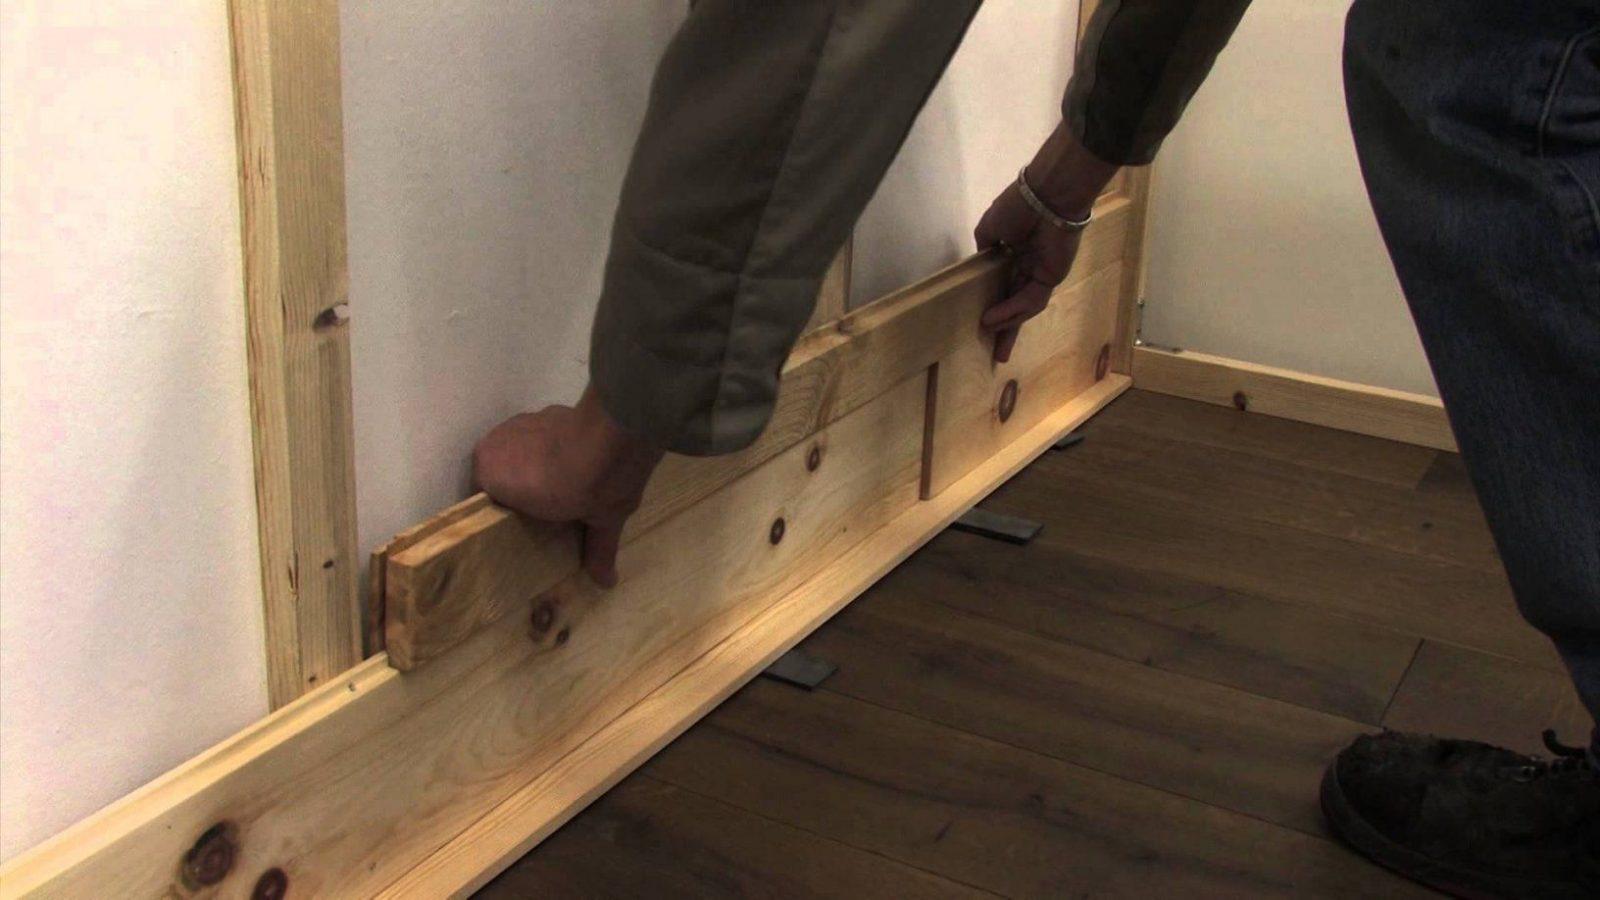 Irregolare Wandverkleidung Wandvertafelung Wandpaneele  Youtube von Wandverkleidung Aus Holz Innen Bild